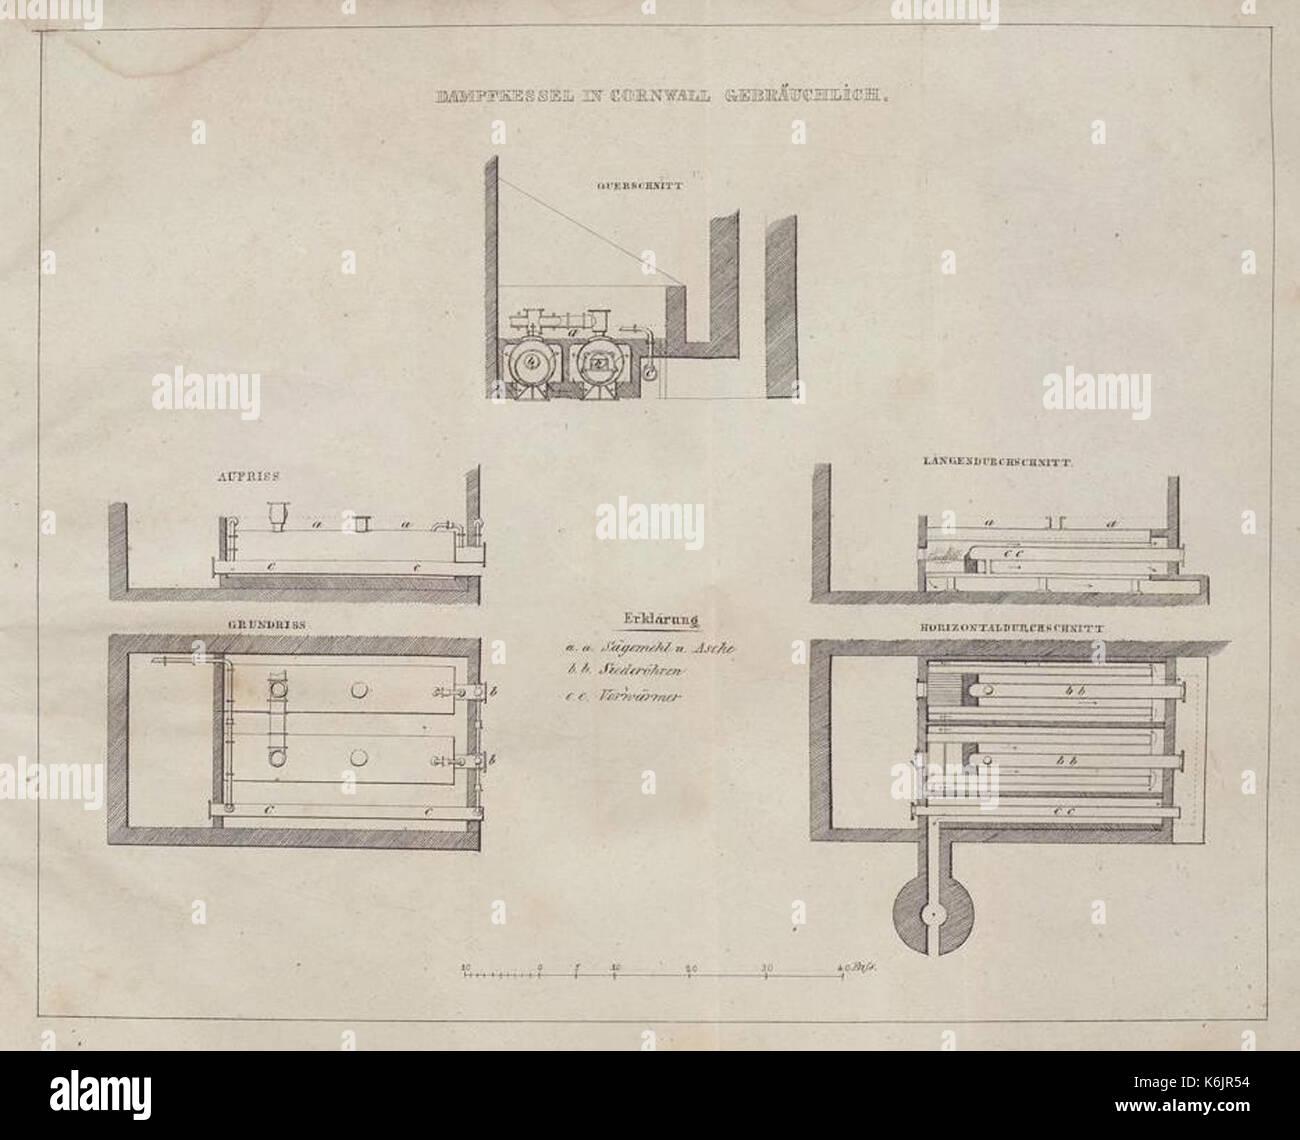 Ungewöhnlich Was Ist Dampfkessel Galerie - Elektrische Schaltplan ...